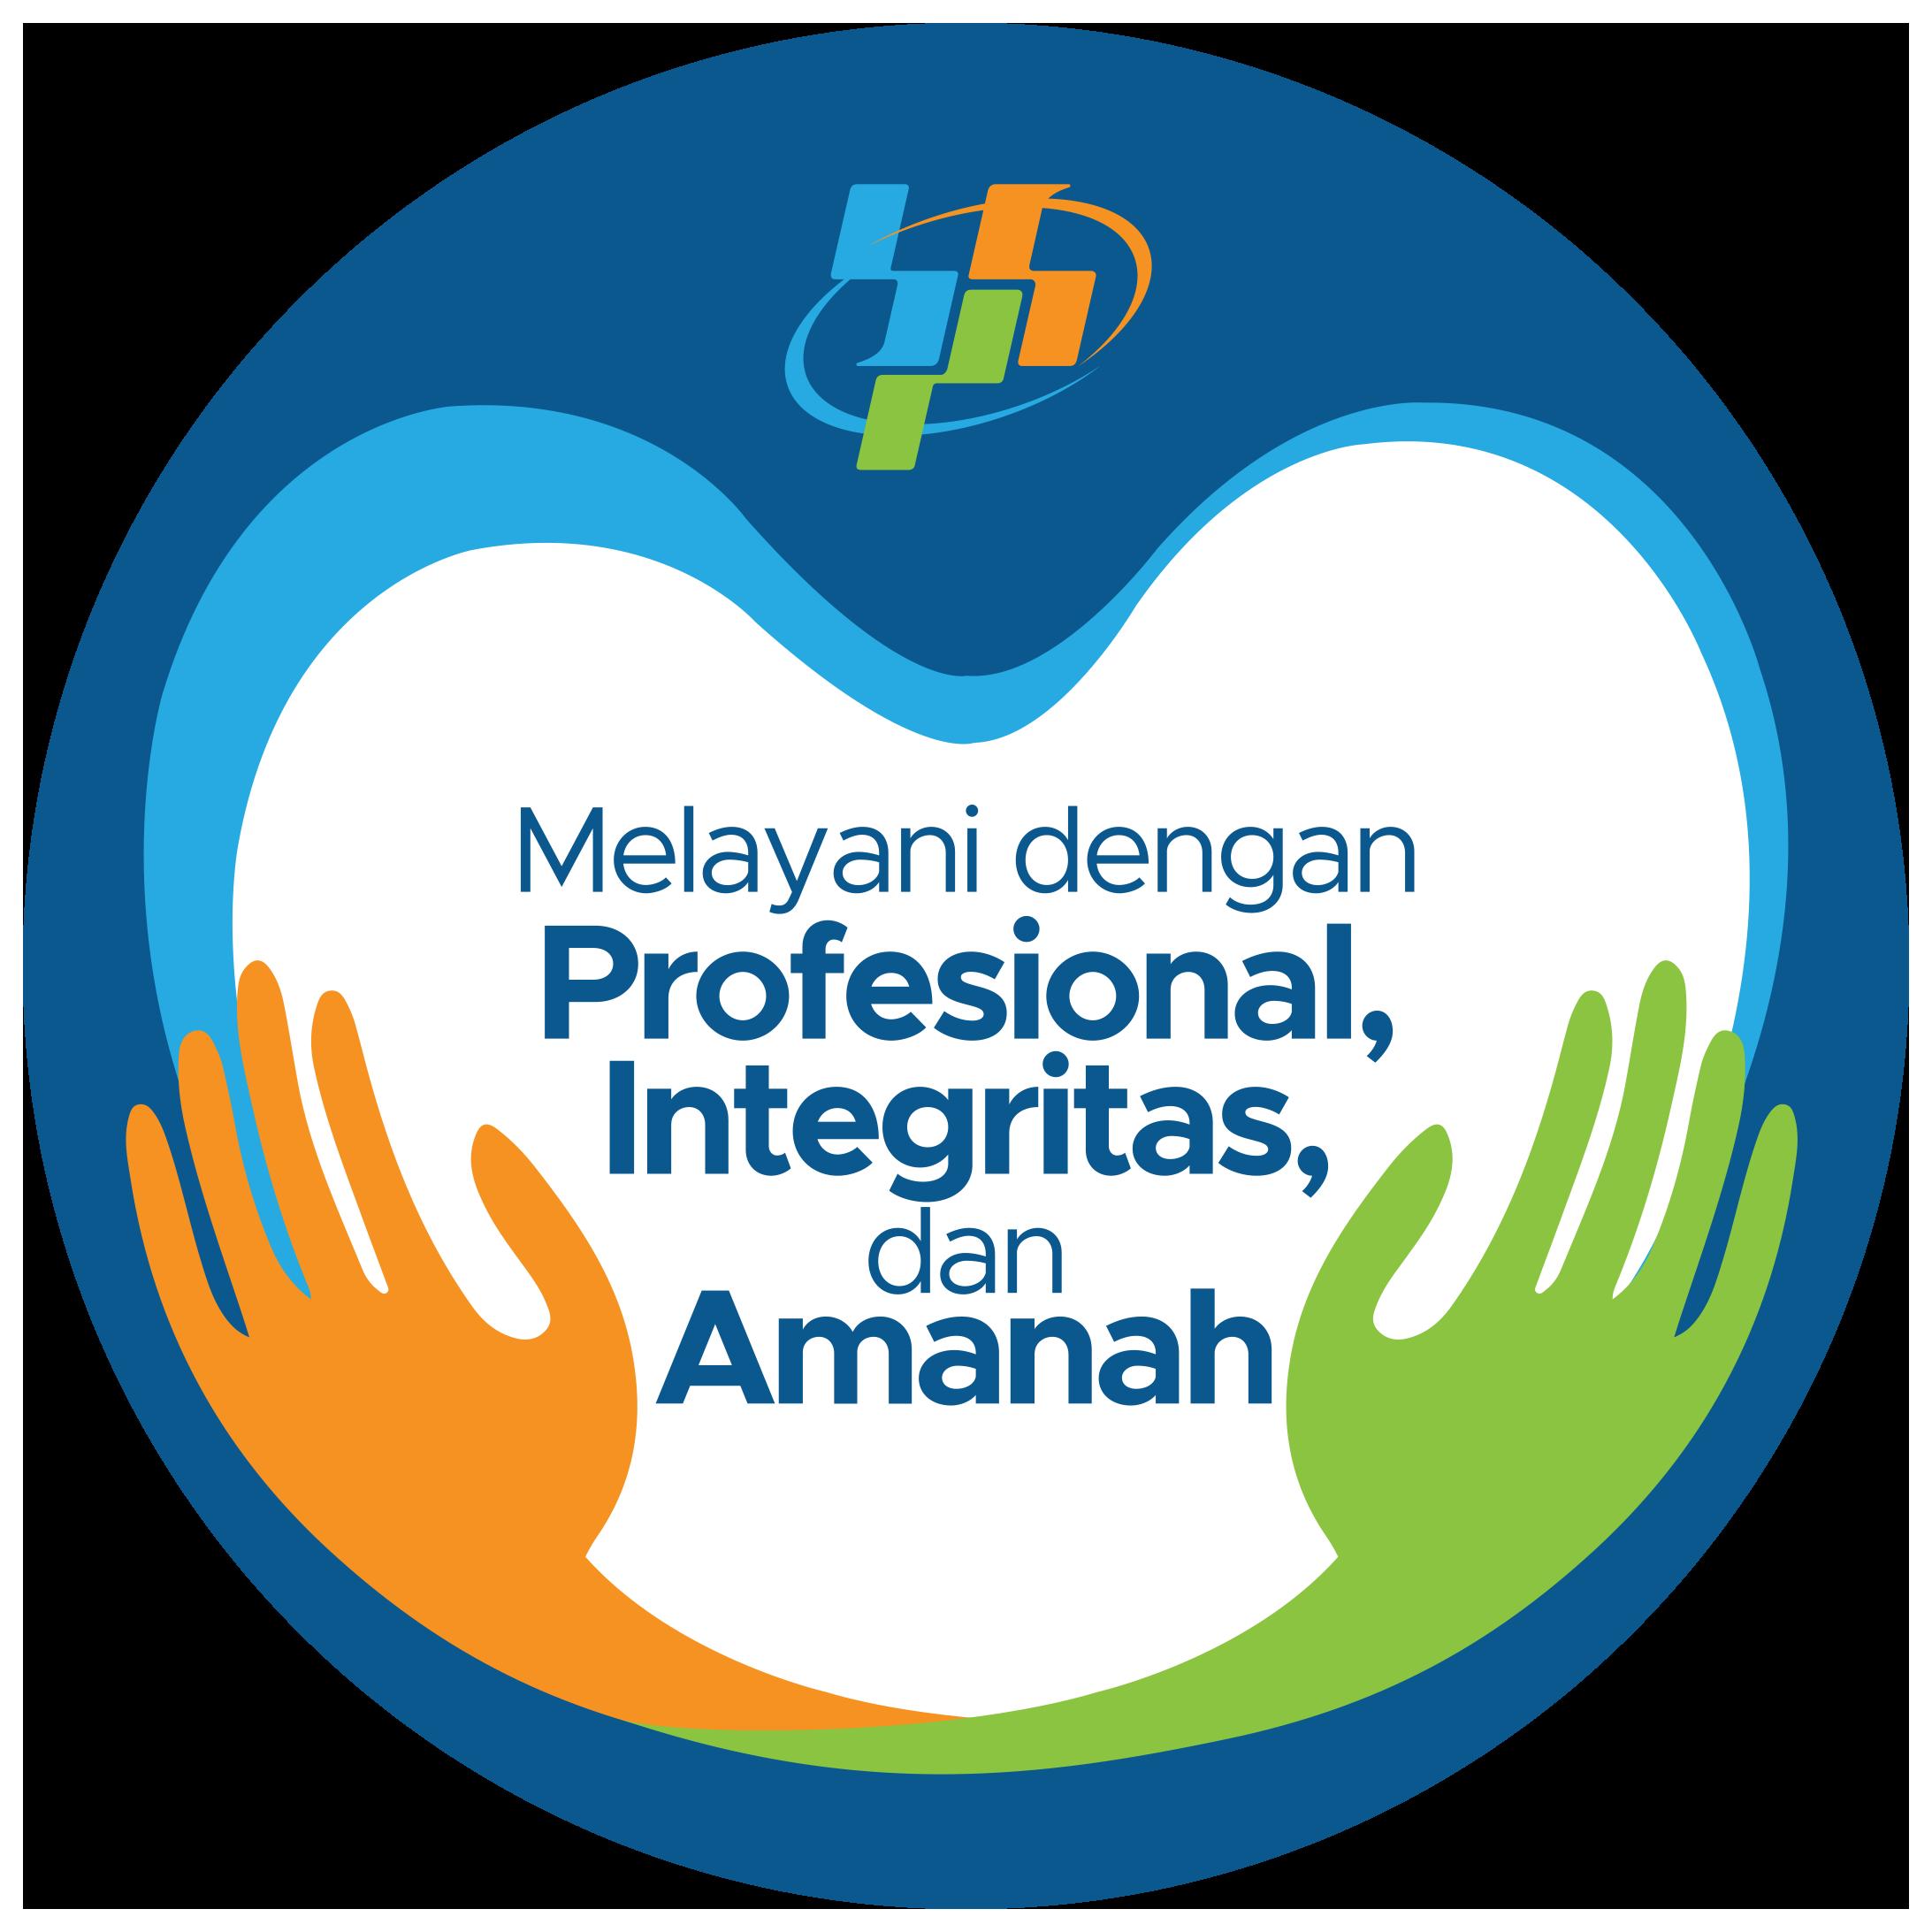 melayani dengan Profesional, Integritas, dan Amanah